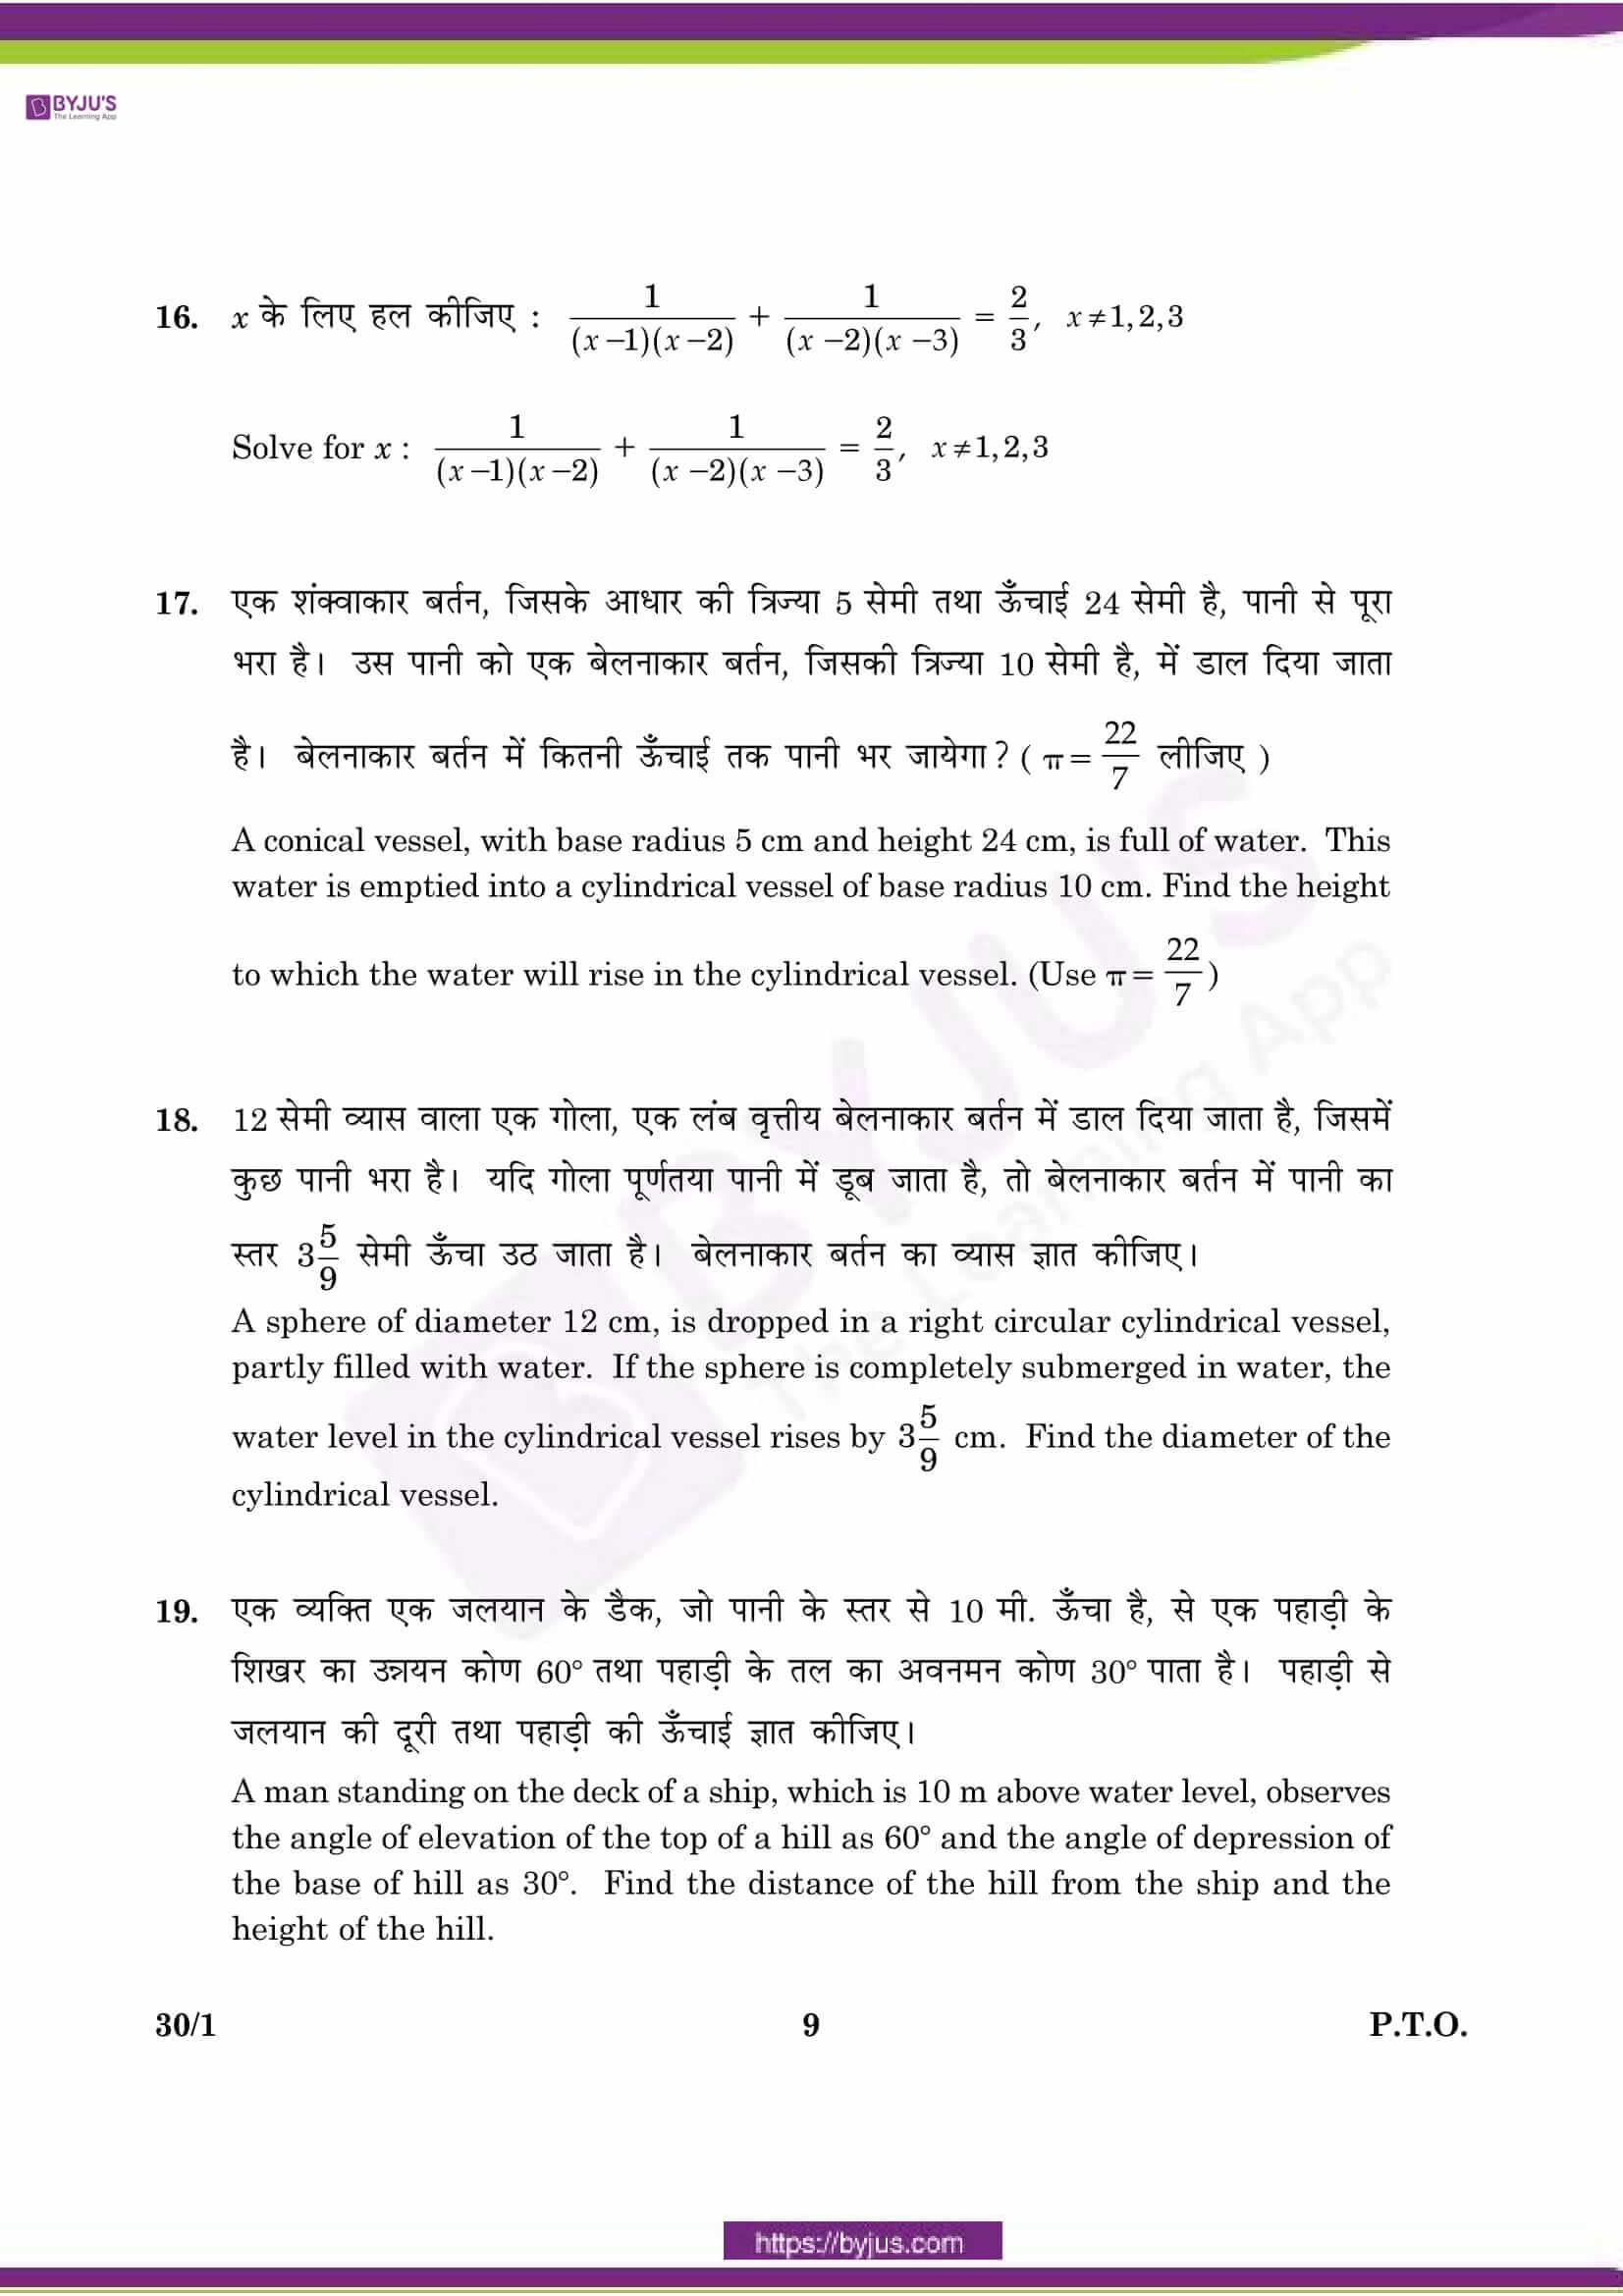 CBSE Class 10 Maths Qs Paper 2016 SA 2 Set 1 09